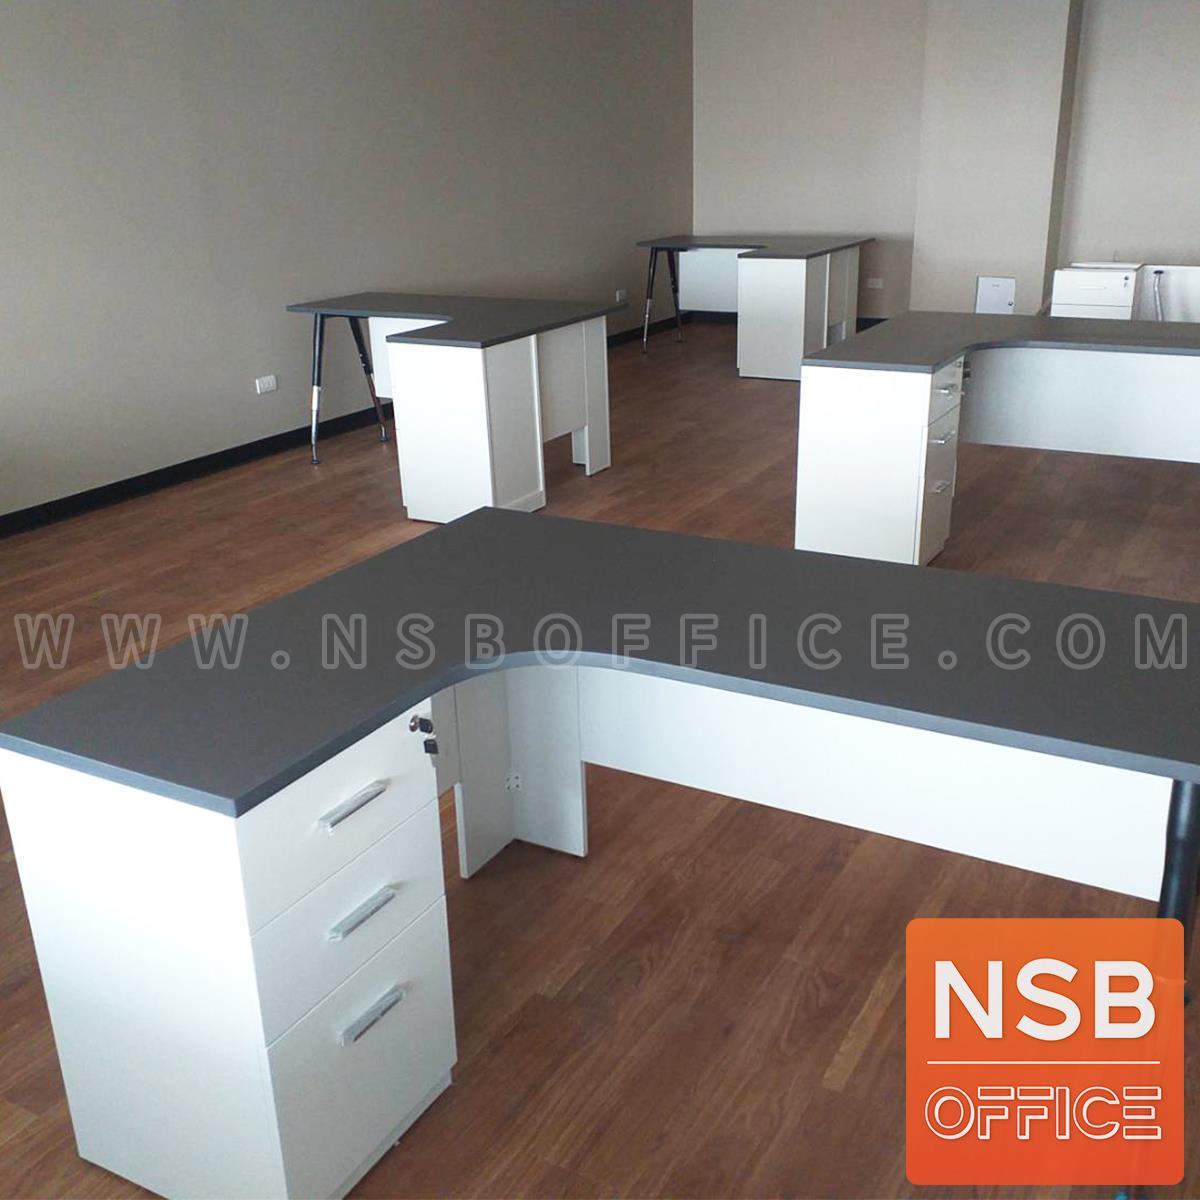 โต๊ะทำงานตัวแอลหน้าโค้งเว้า 3 ลิ้นชัก  ขนาด 150W1*120W2 ,150W2 cm.  ขาปลายเรียว